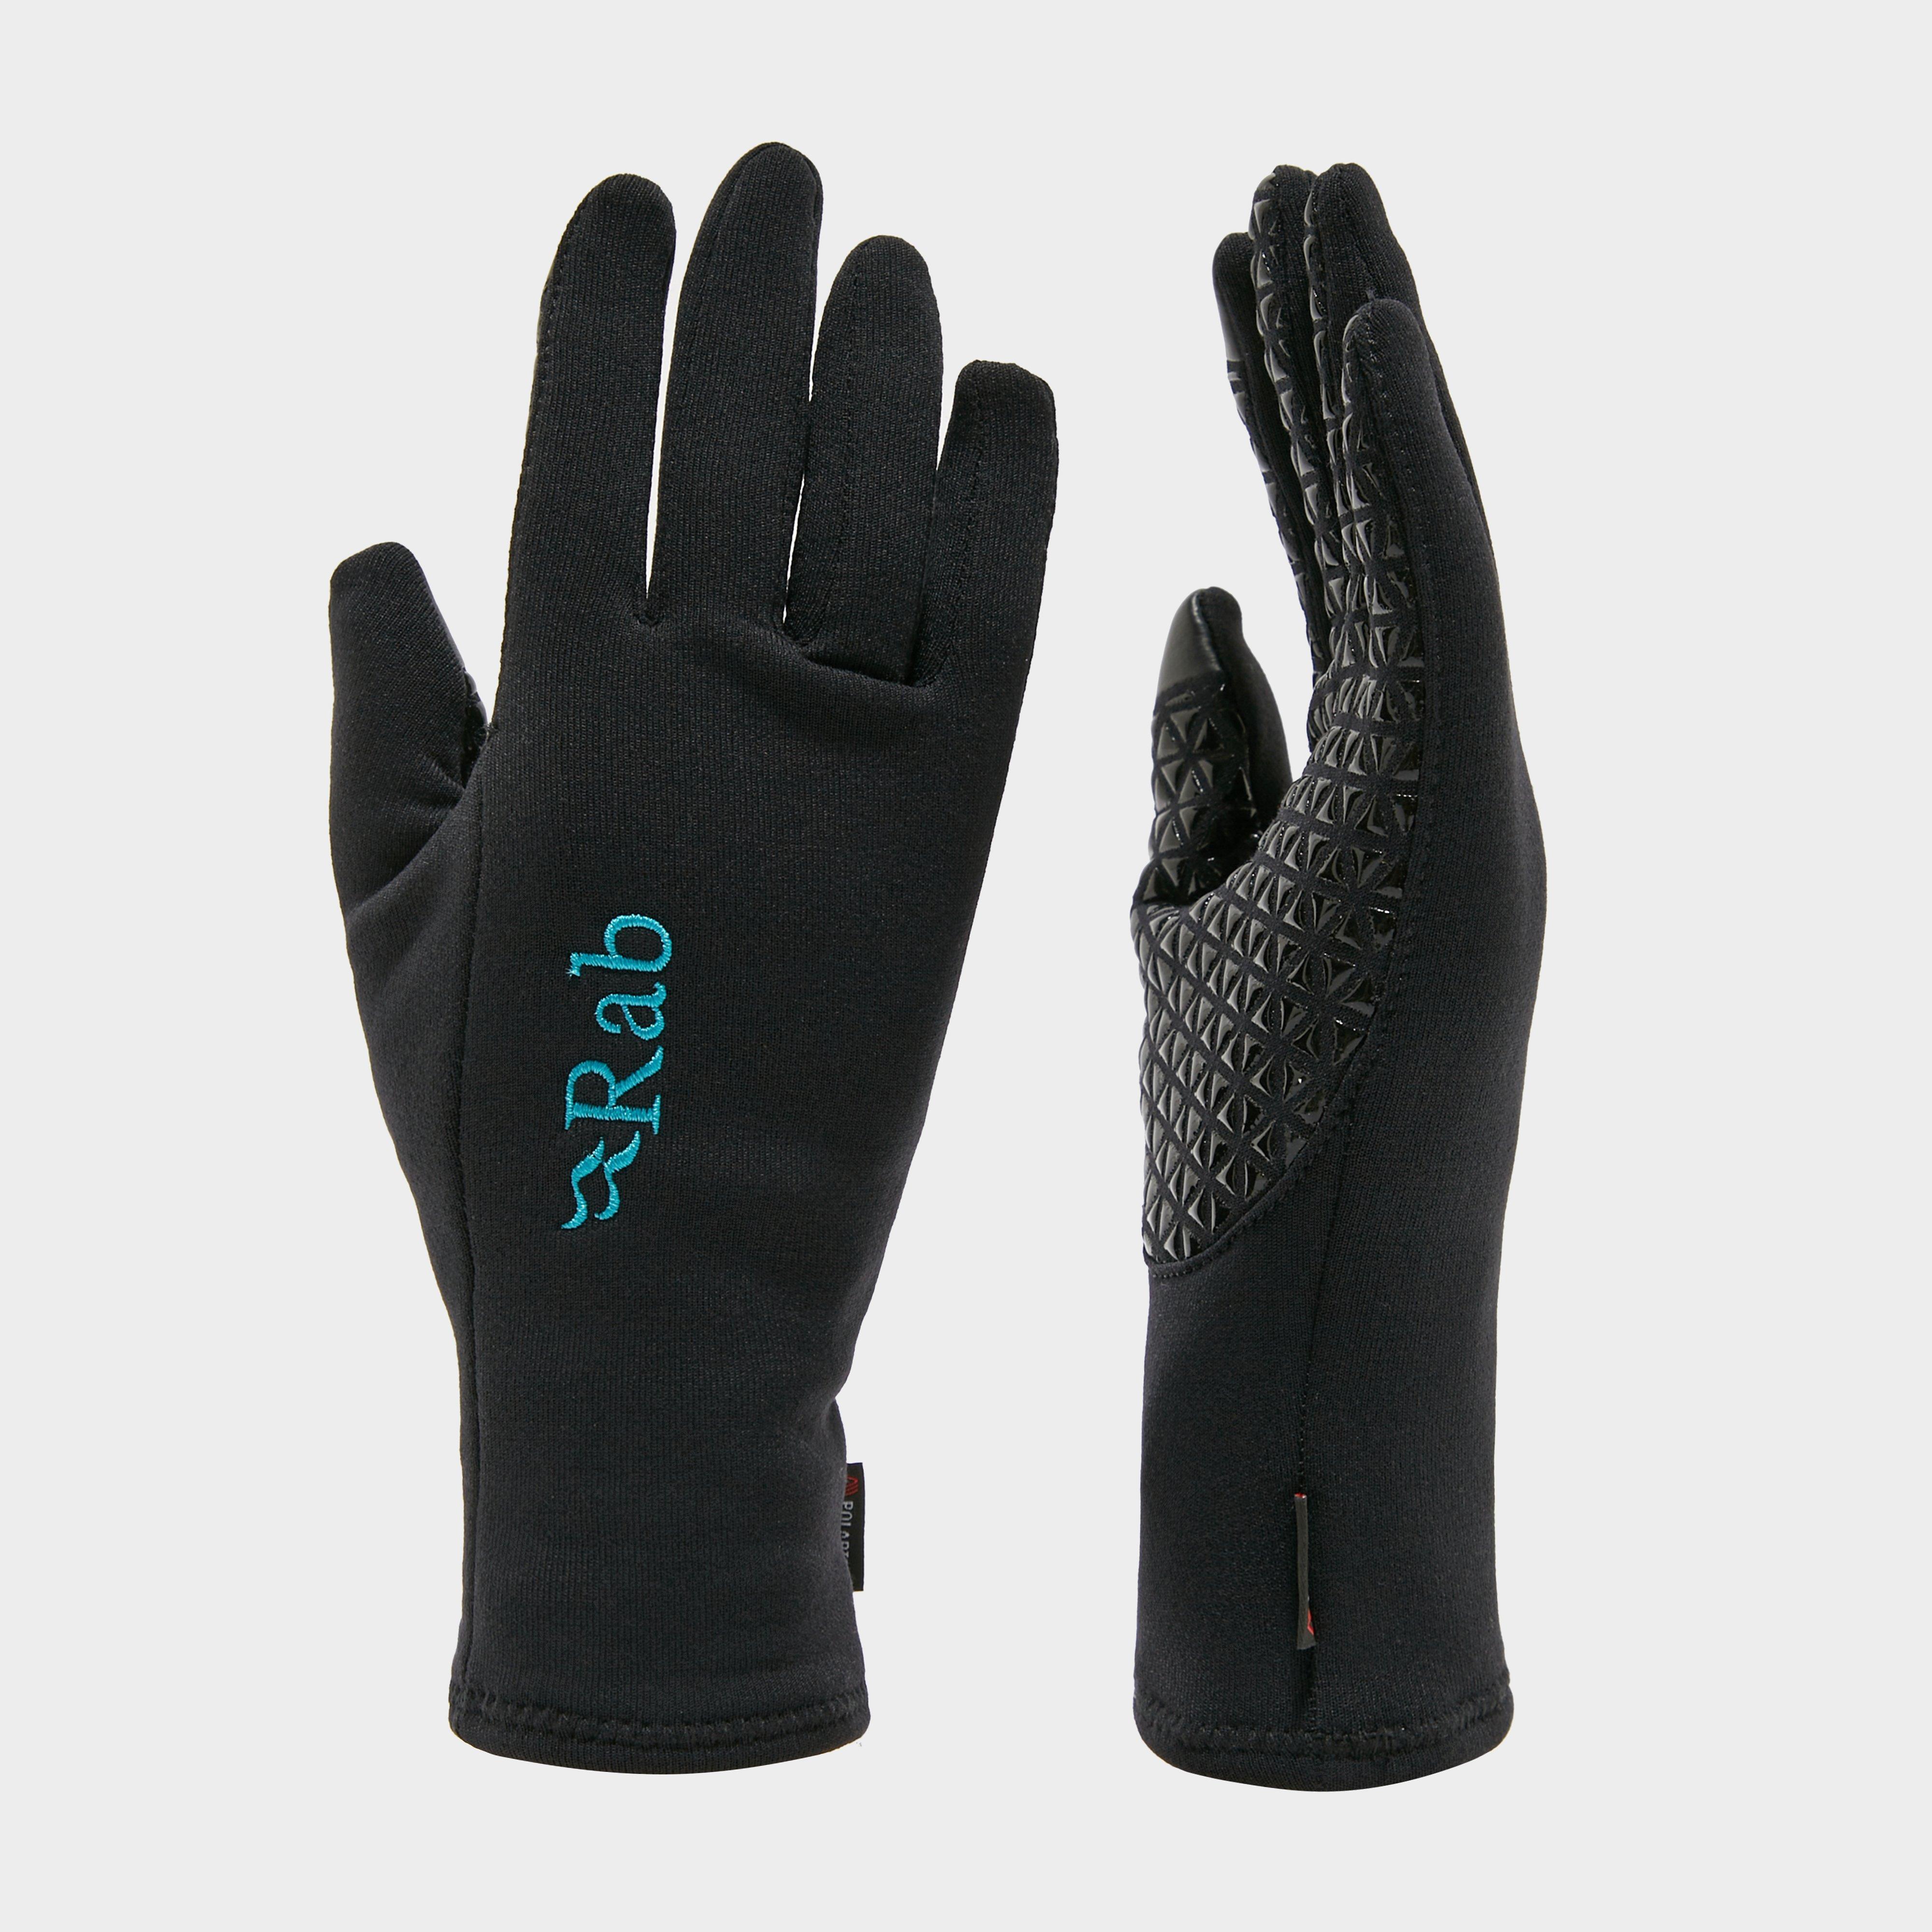 Rab Rab Womens Power Stretch Contact Grip Gloves - N/A, N/A